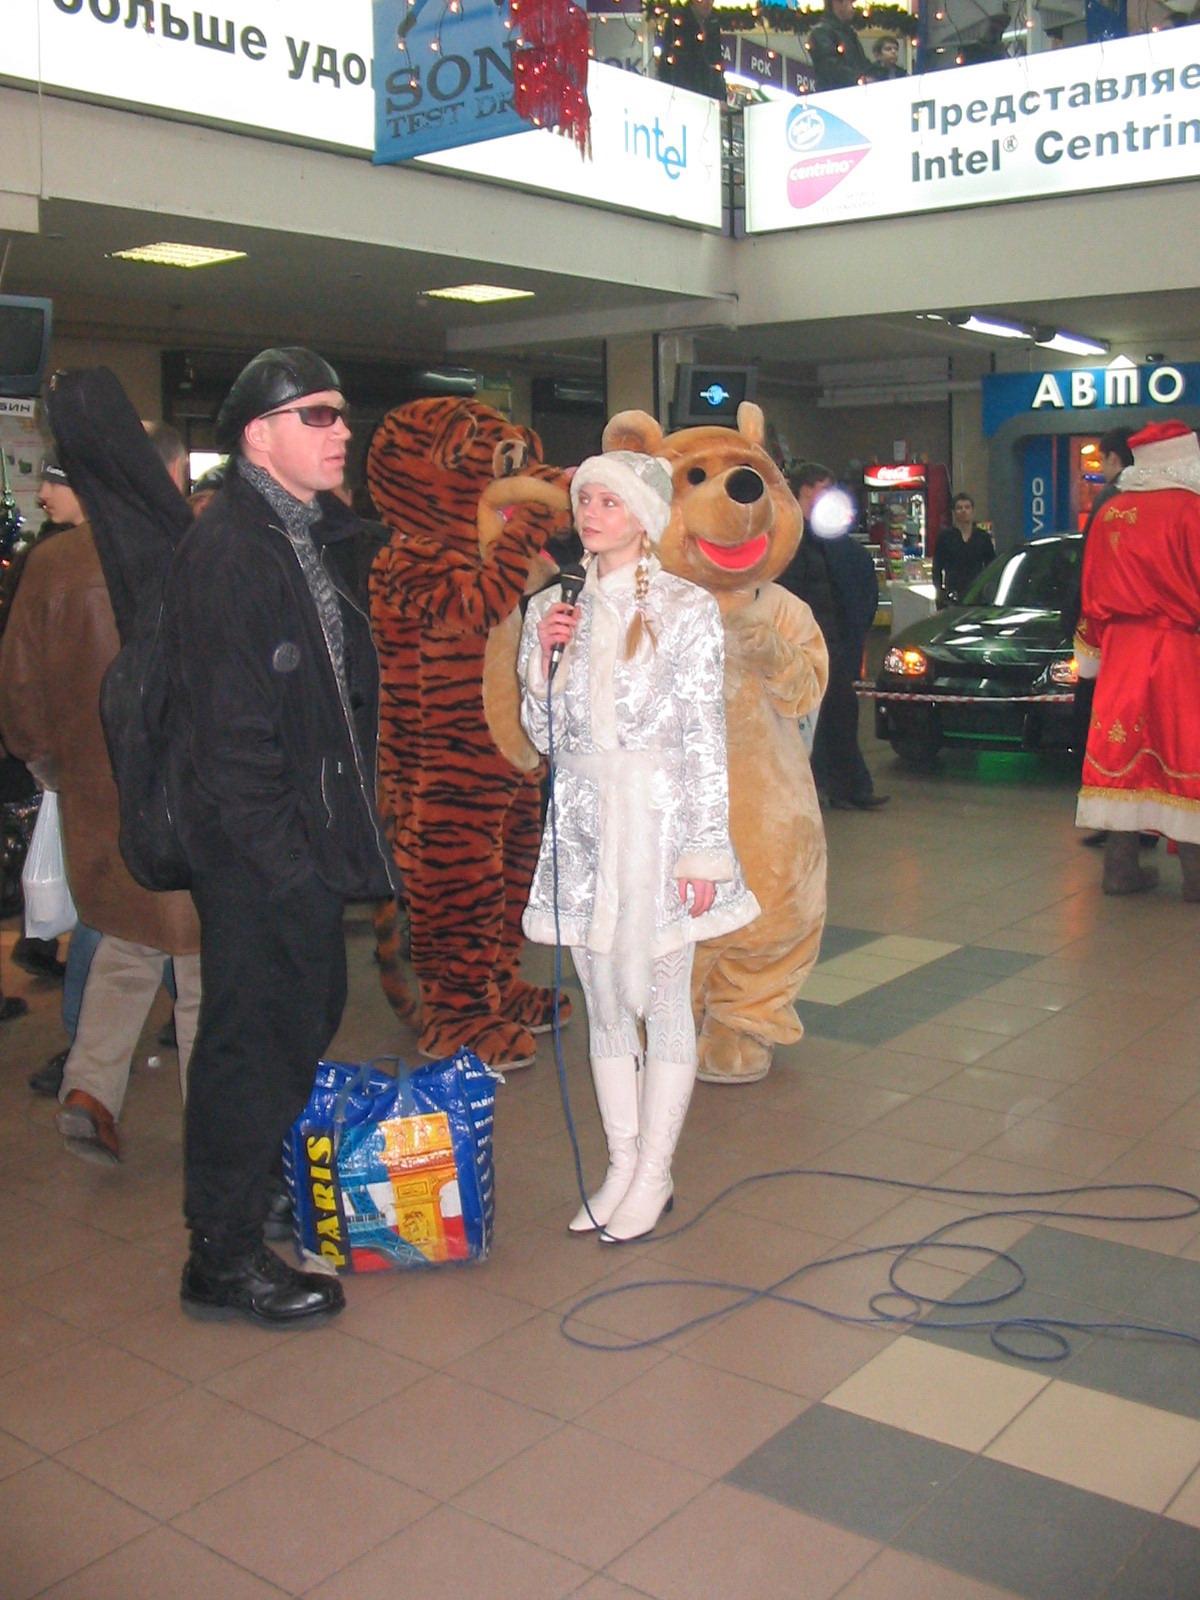 Дед Мороз в торговом центре